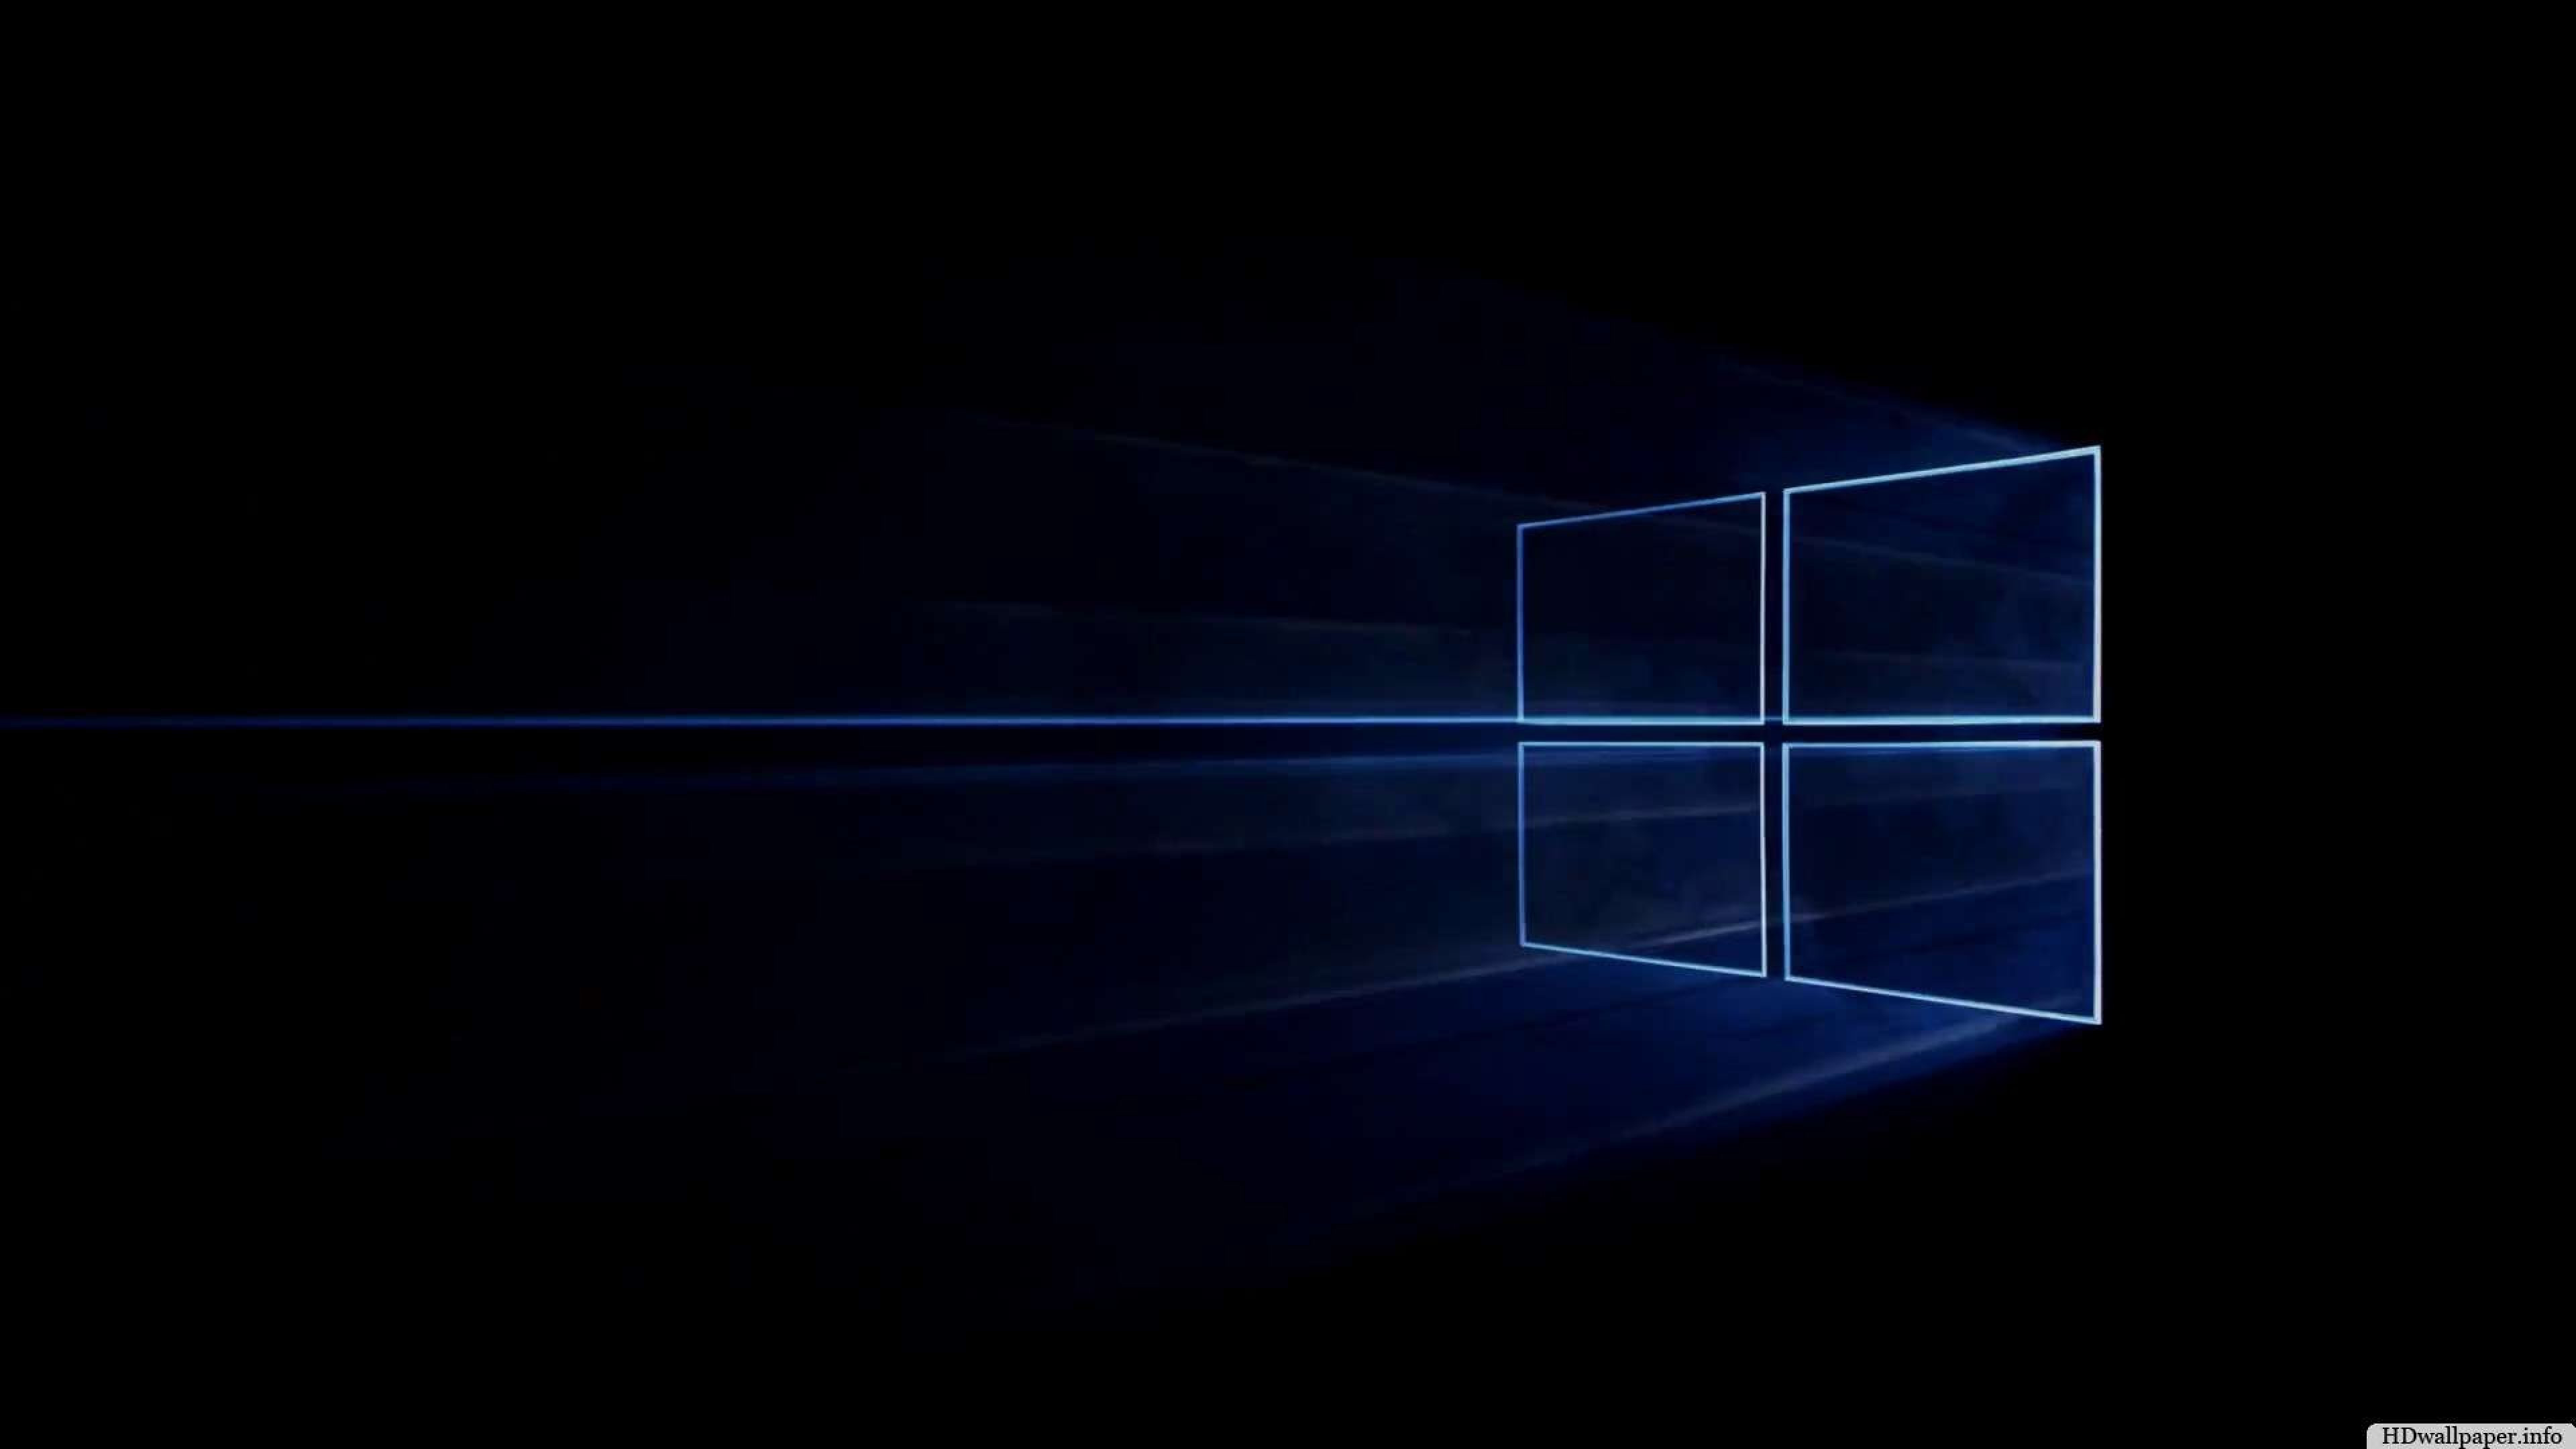 خلفيات Windows 10 4k Makusia Images